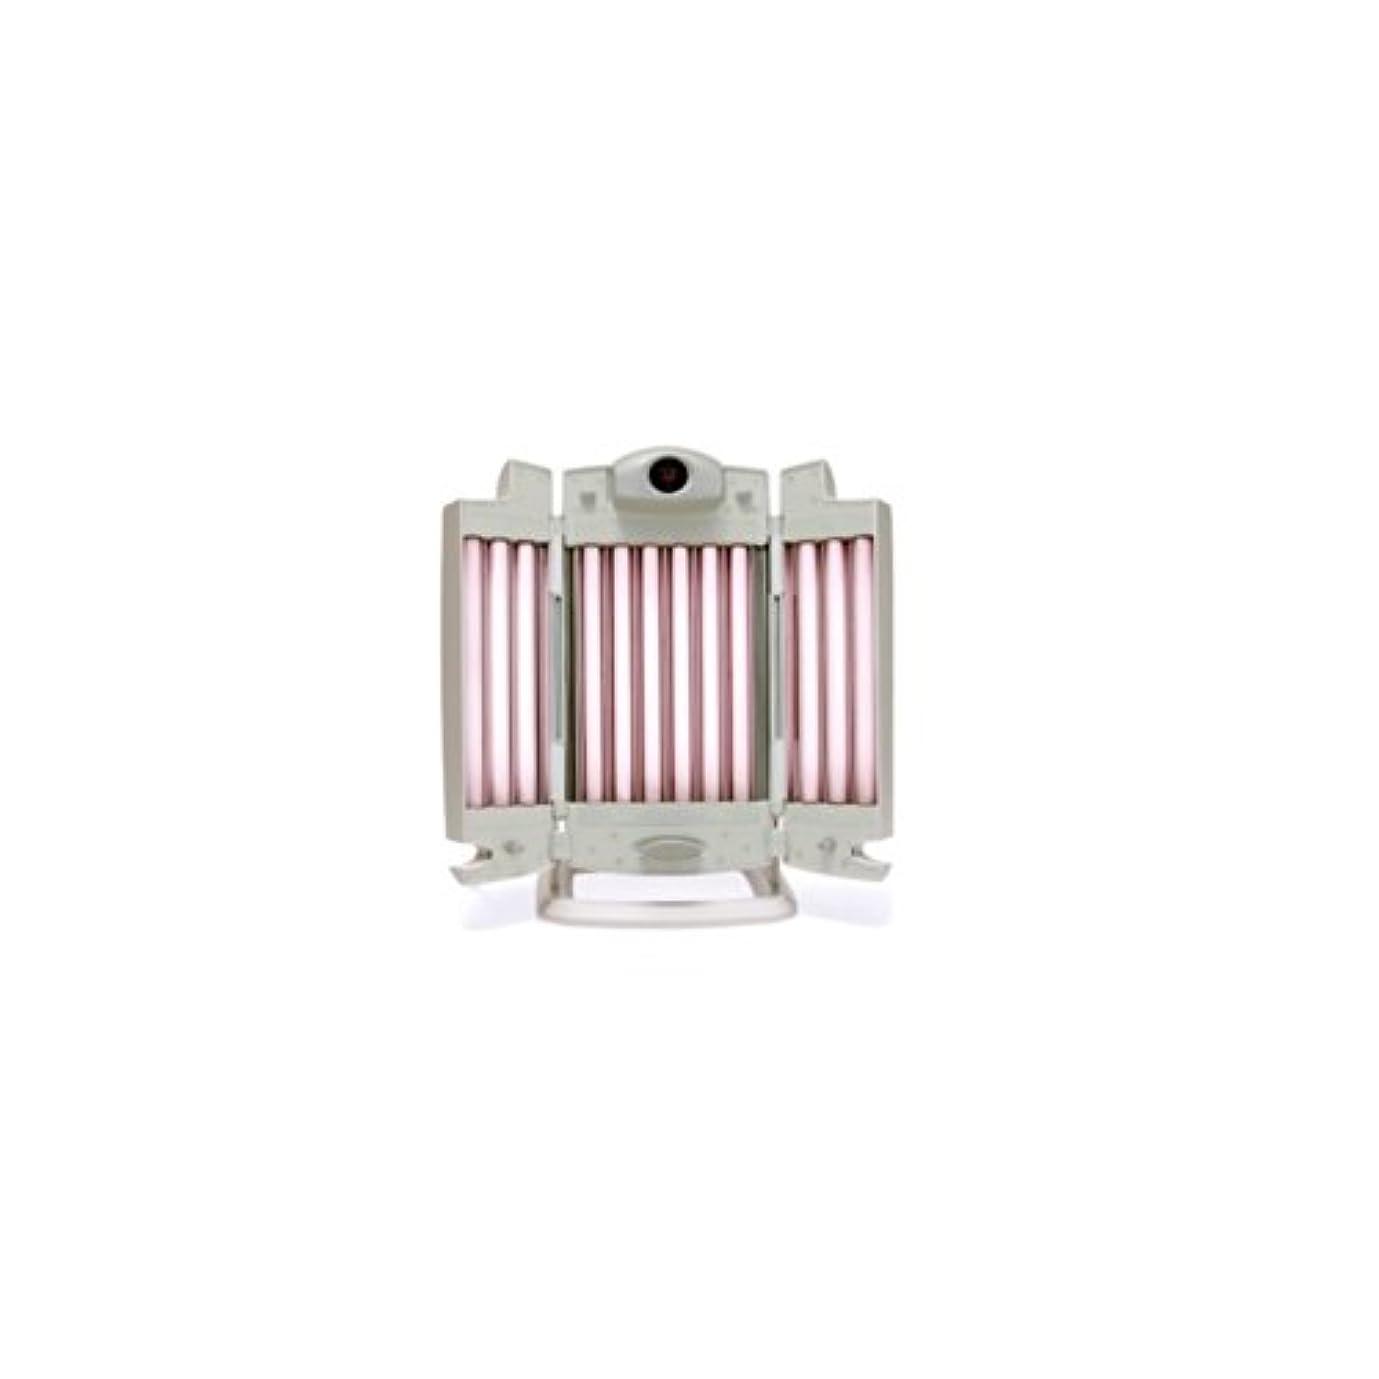 販売員シマウマ退屈させるBaby's Colla Beauty Light Type FACIAL(ベビーズコラ ビューティーライト フェイシャルタイプ)